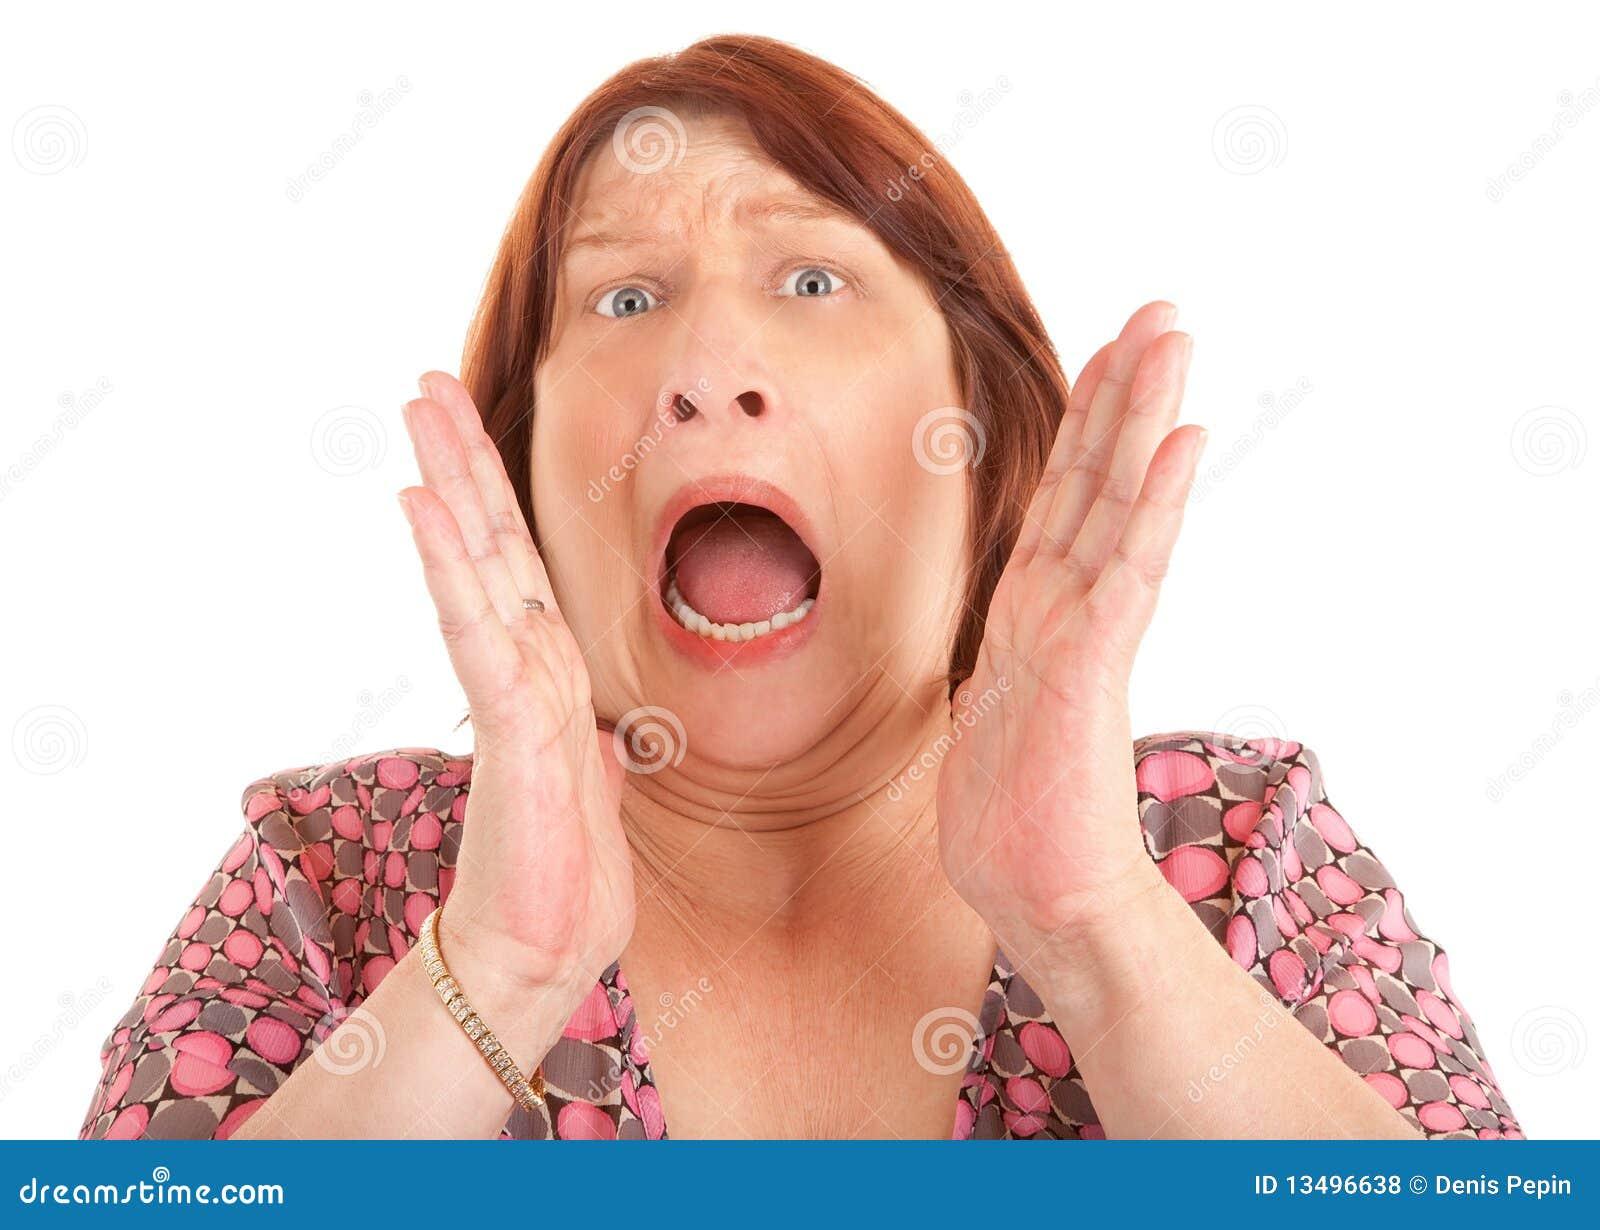 Смотреть порно кричащих девочек 7 фотография